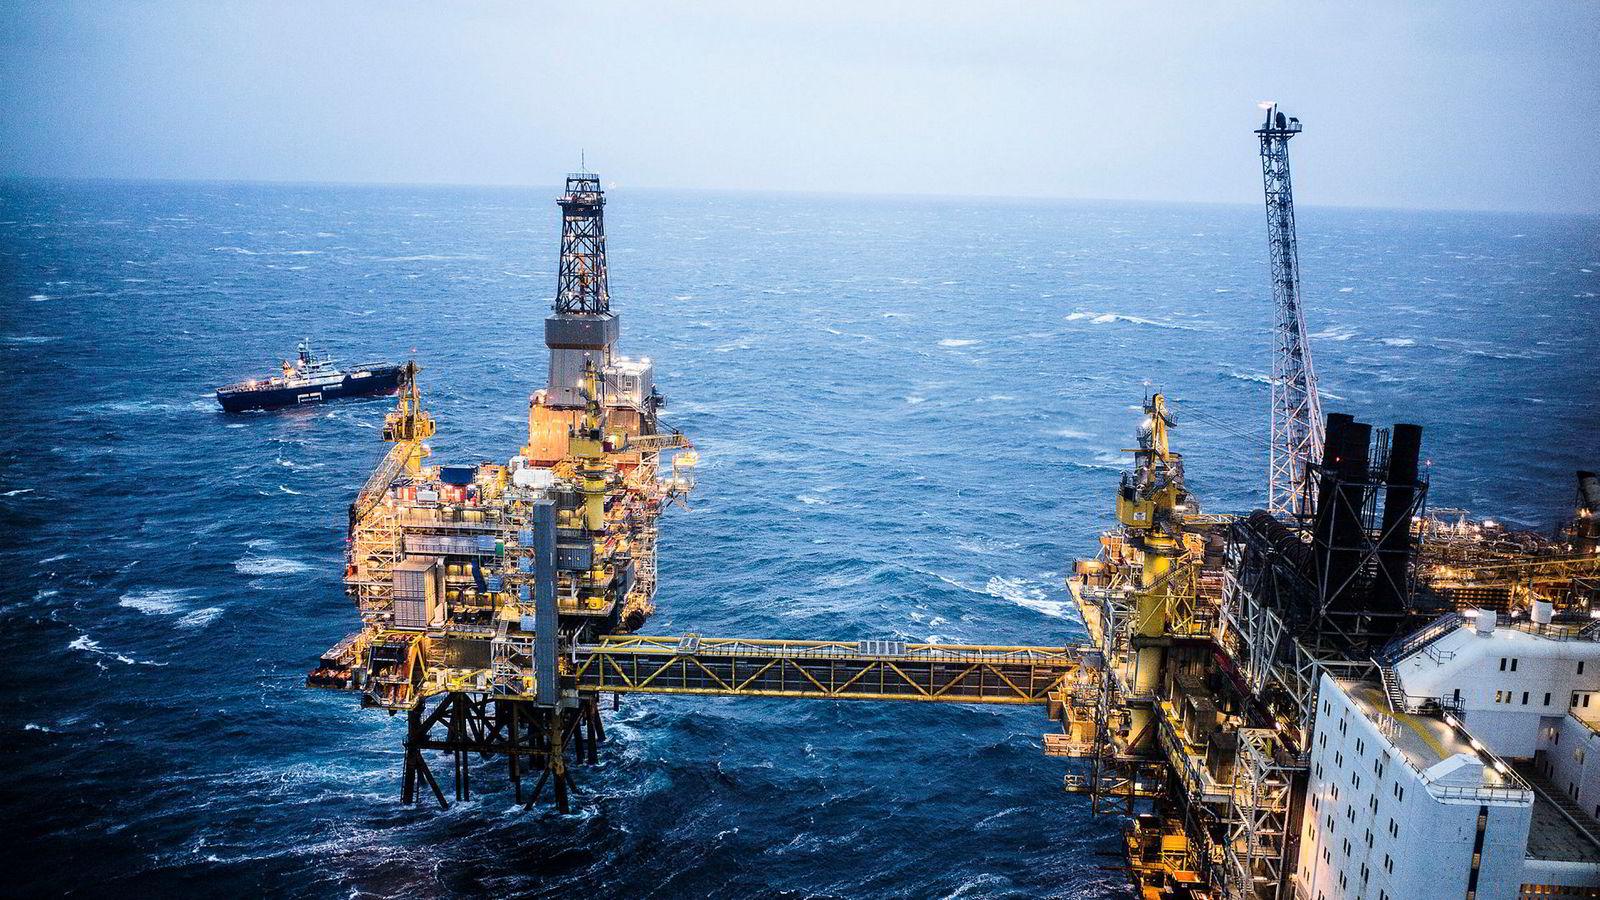 Der bør offentliggjøres ulike scenarier for hvordan petroleumssektoren skal håndtere klimarisikoen, mener et regjeringsoppnevnt utvalg.